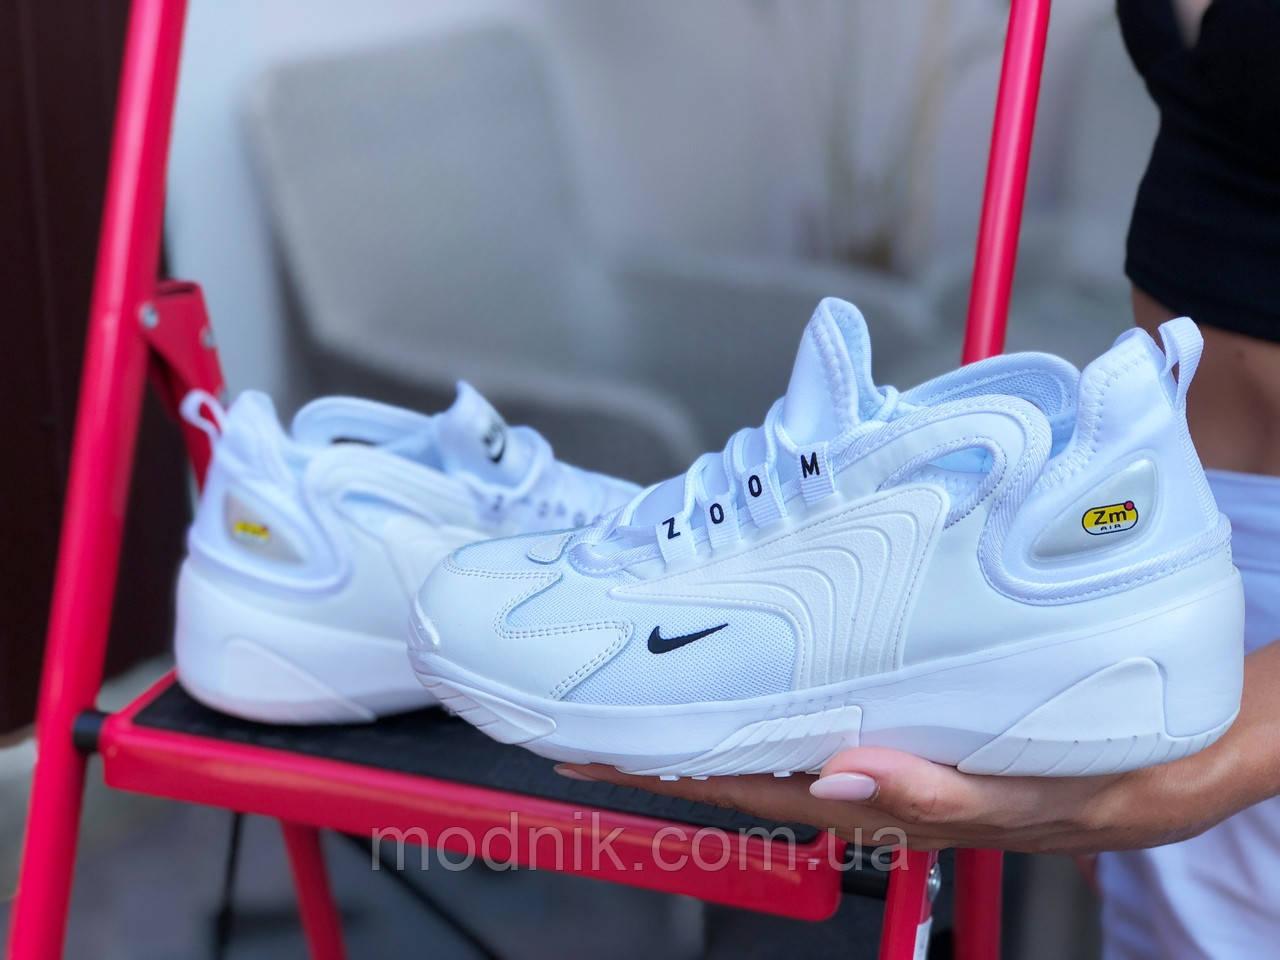 Женские кроссовки Nike Zoom 2K (белые) 9730